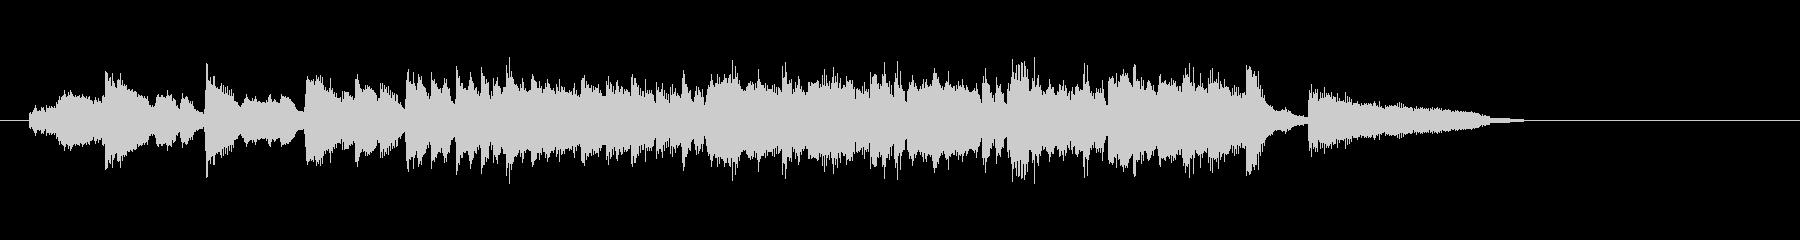 テーマ4A:フルミックス、パンチ、...の未再生の波形